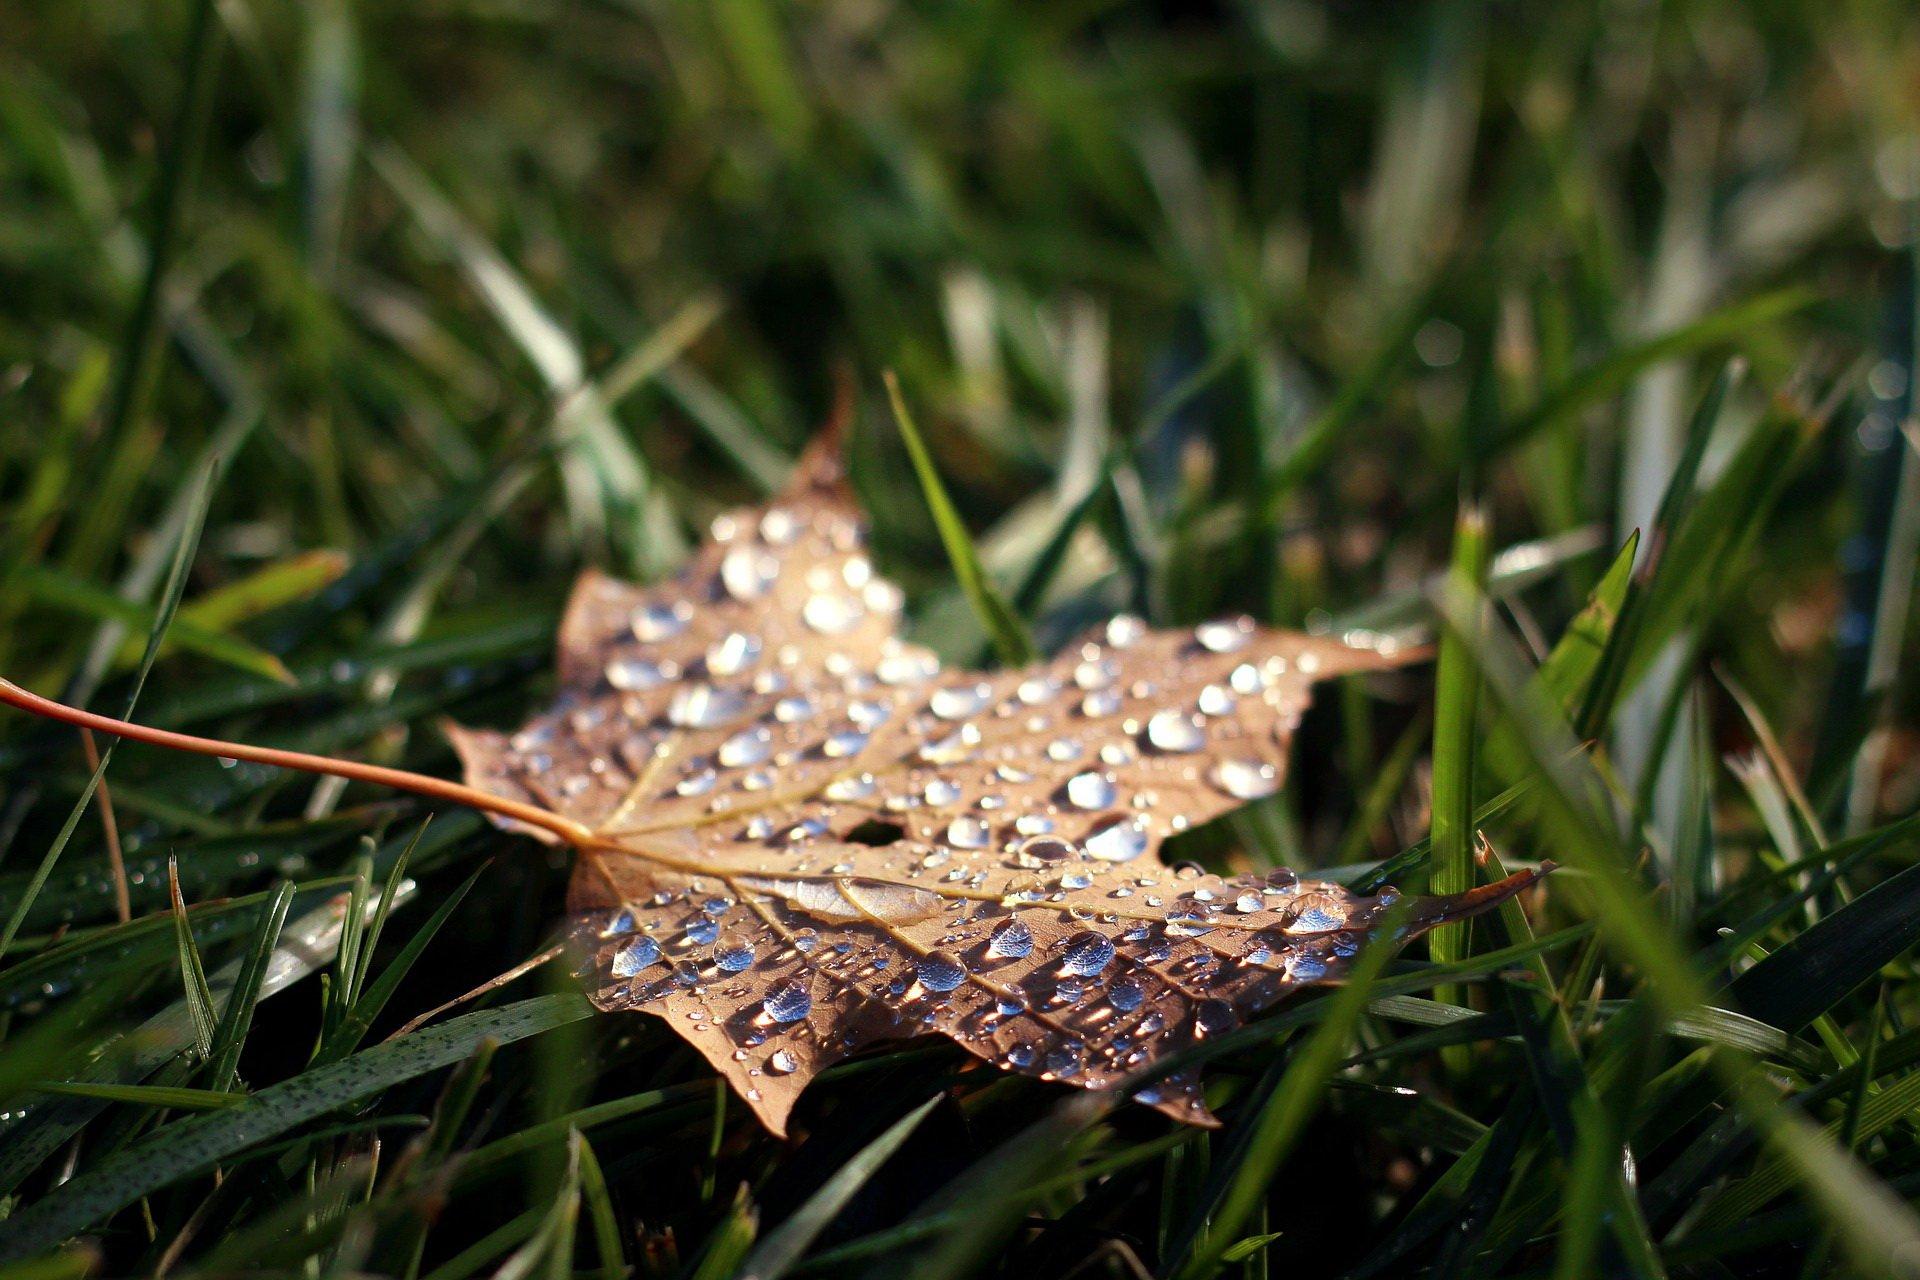 jesien listopad piosenka dla dzieci na jesień